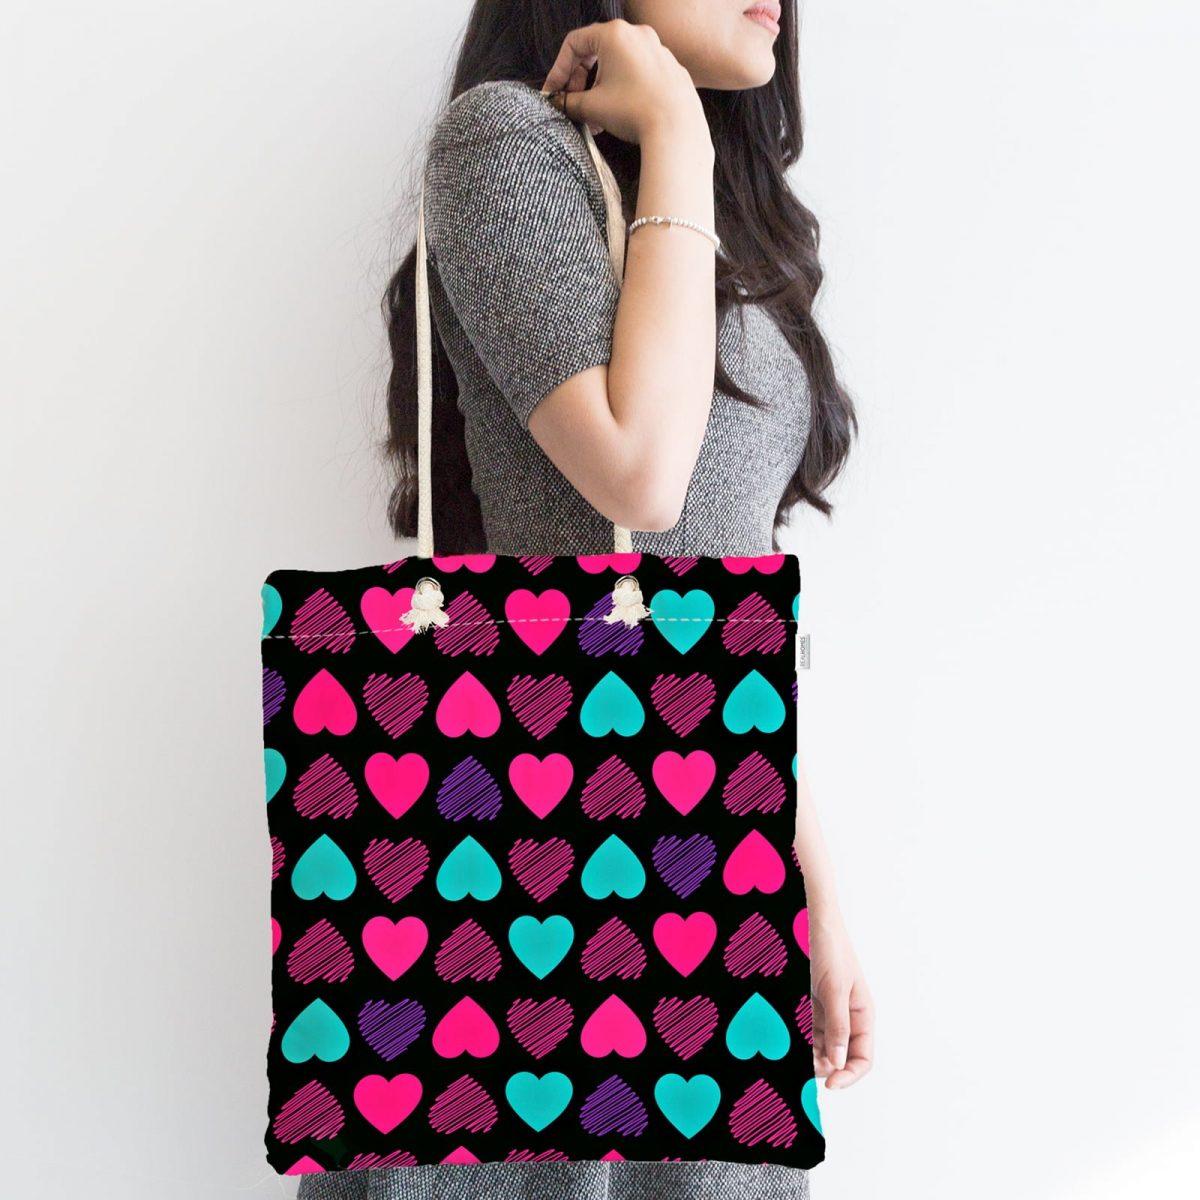 Siyah Zeminde Kalpler Özel Tasarımlı Fermuarlı Modern Kumaş Çanta Realhomes